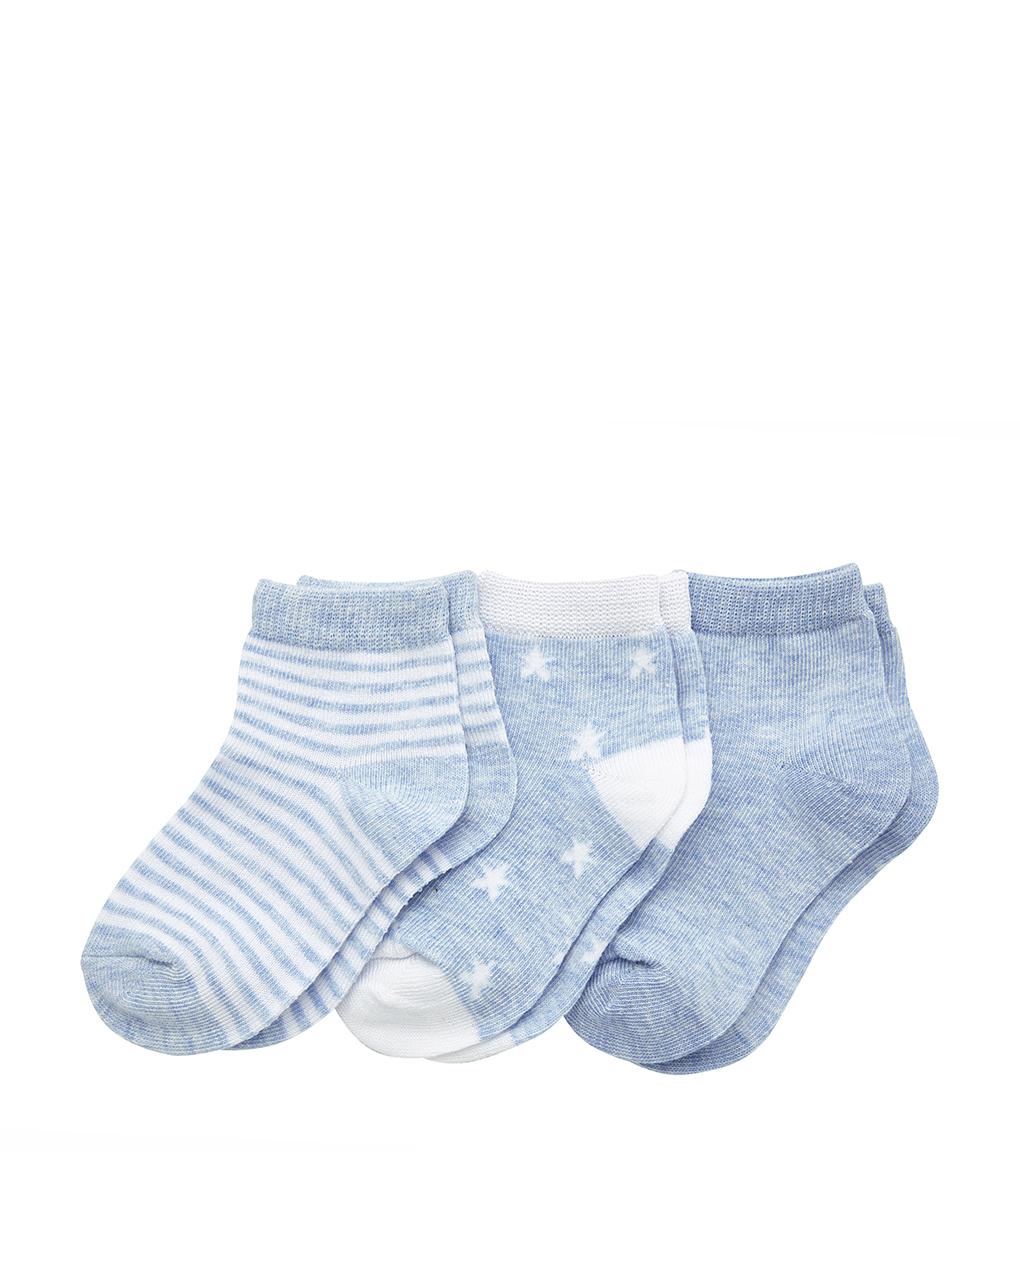 Pacote de 3 pares de meias estampadas - Prénatal